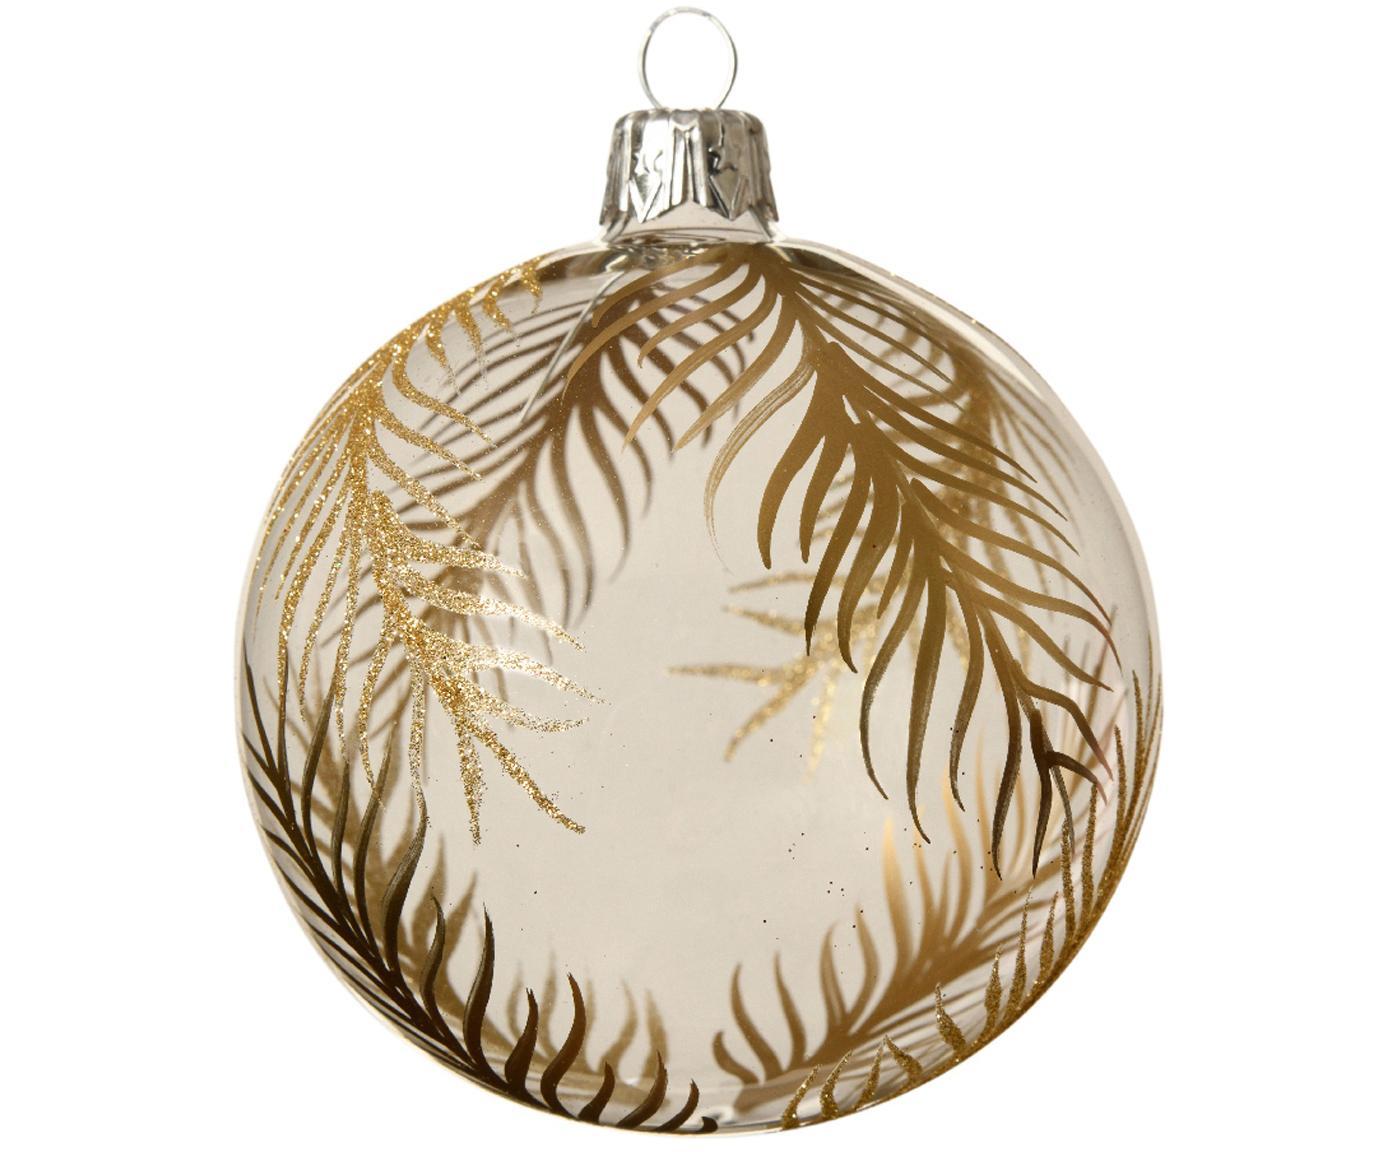 Kerstballen Gold Leaves, 2 stuks, Transparant, goudkleurig, Ø 8 cm